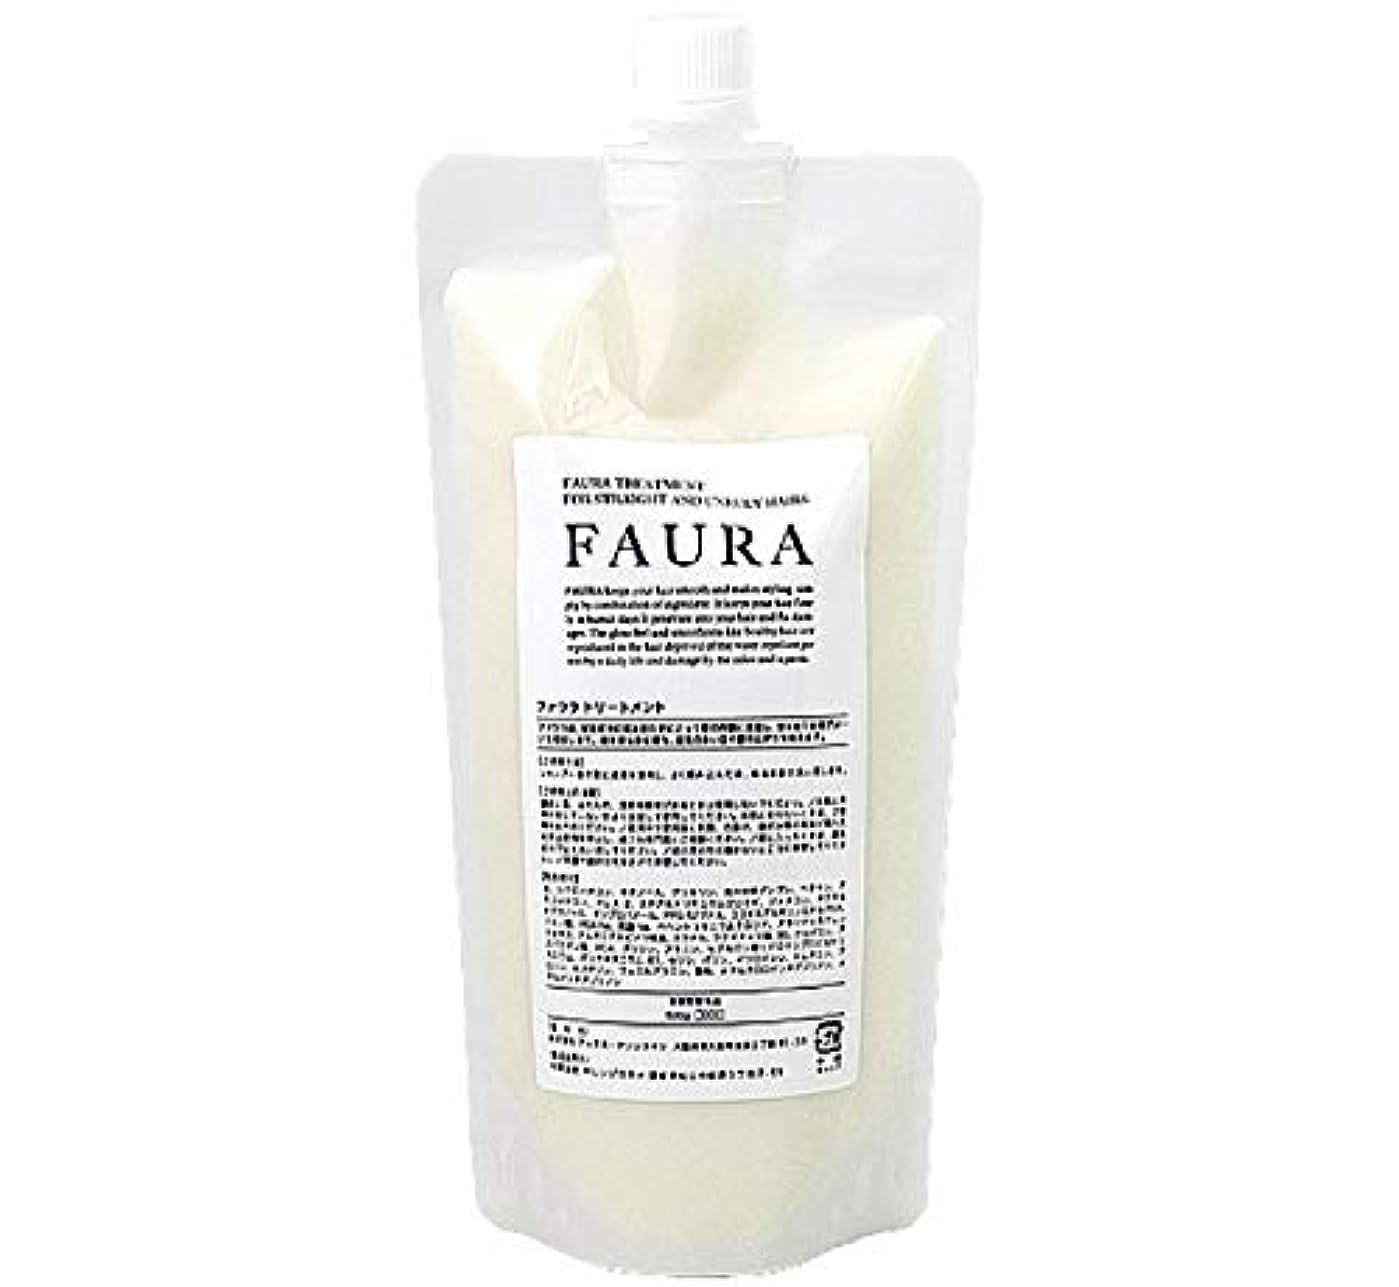 ボア手がかり誇り【発売1年で3万本の売上】FAURA ファウラ ヘアトリートメント (傷んだ髪に) 詰替500g 【サロン専売品】